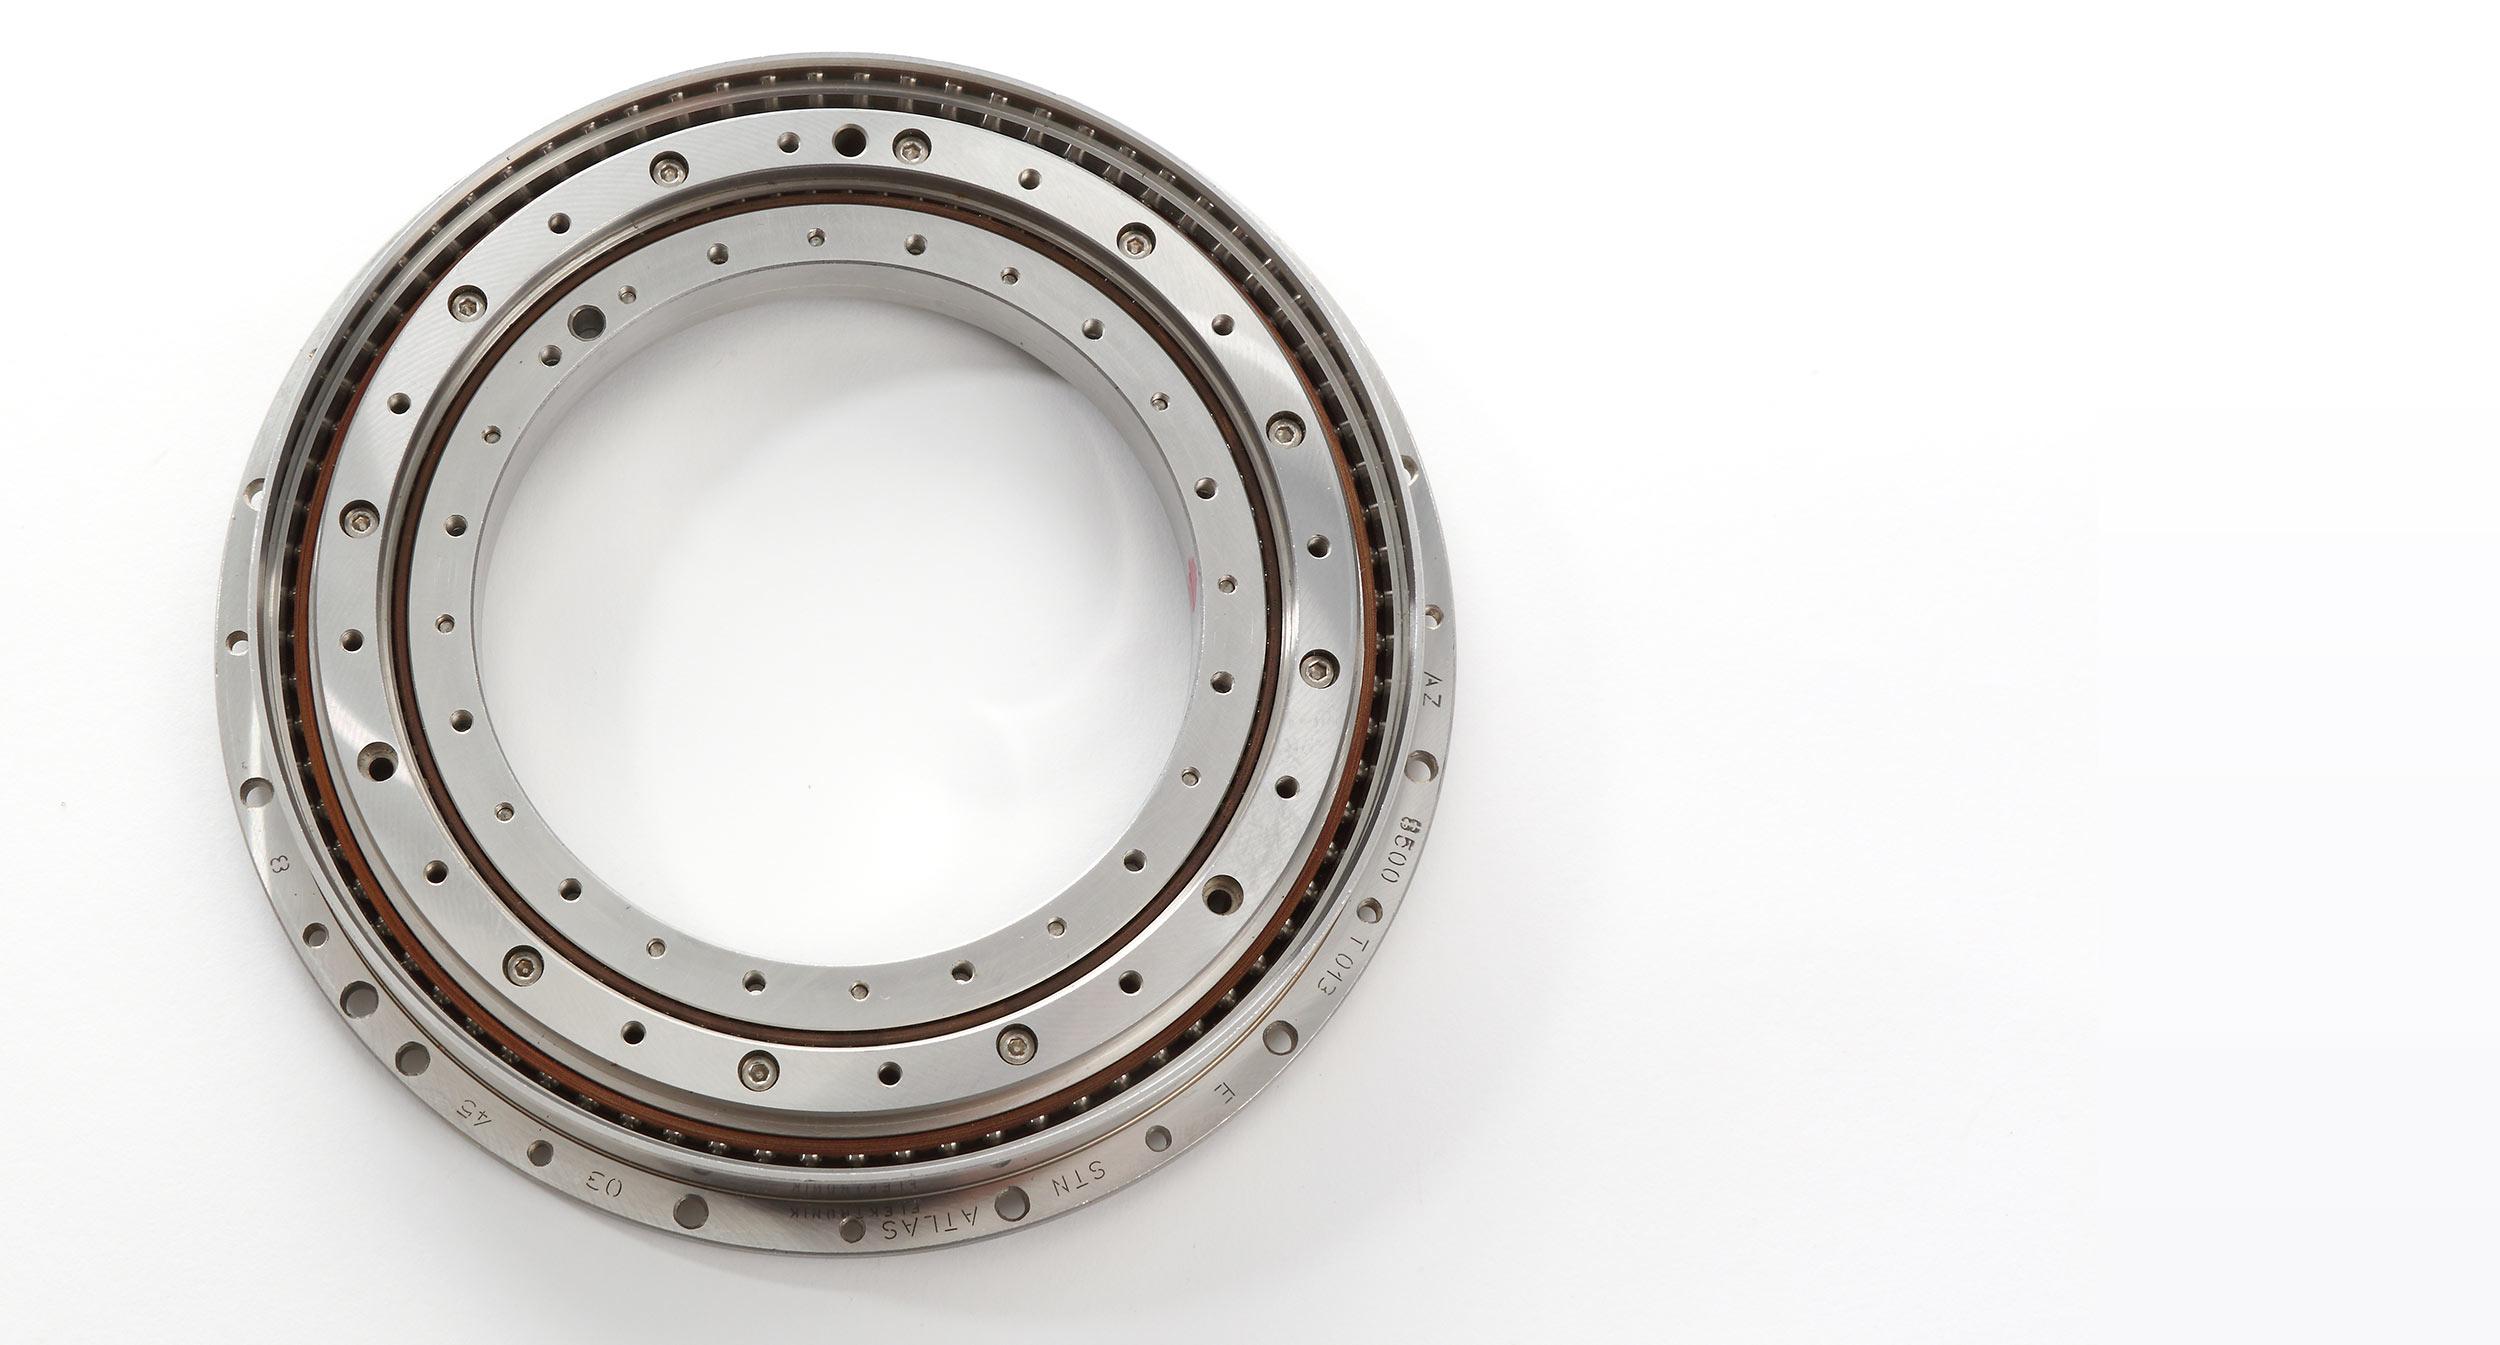 High precision ball bearings - ADR